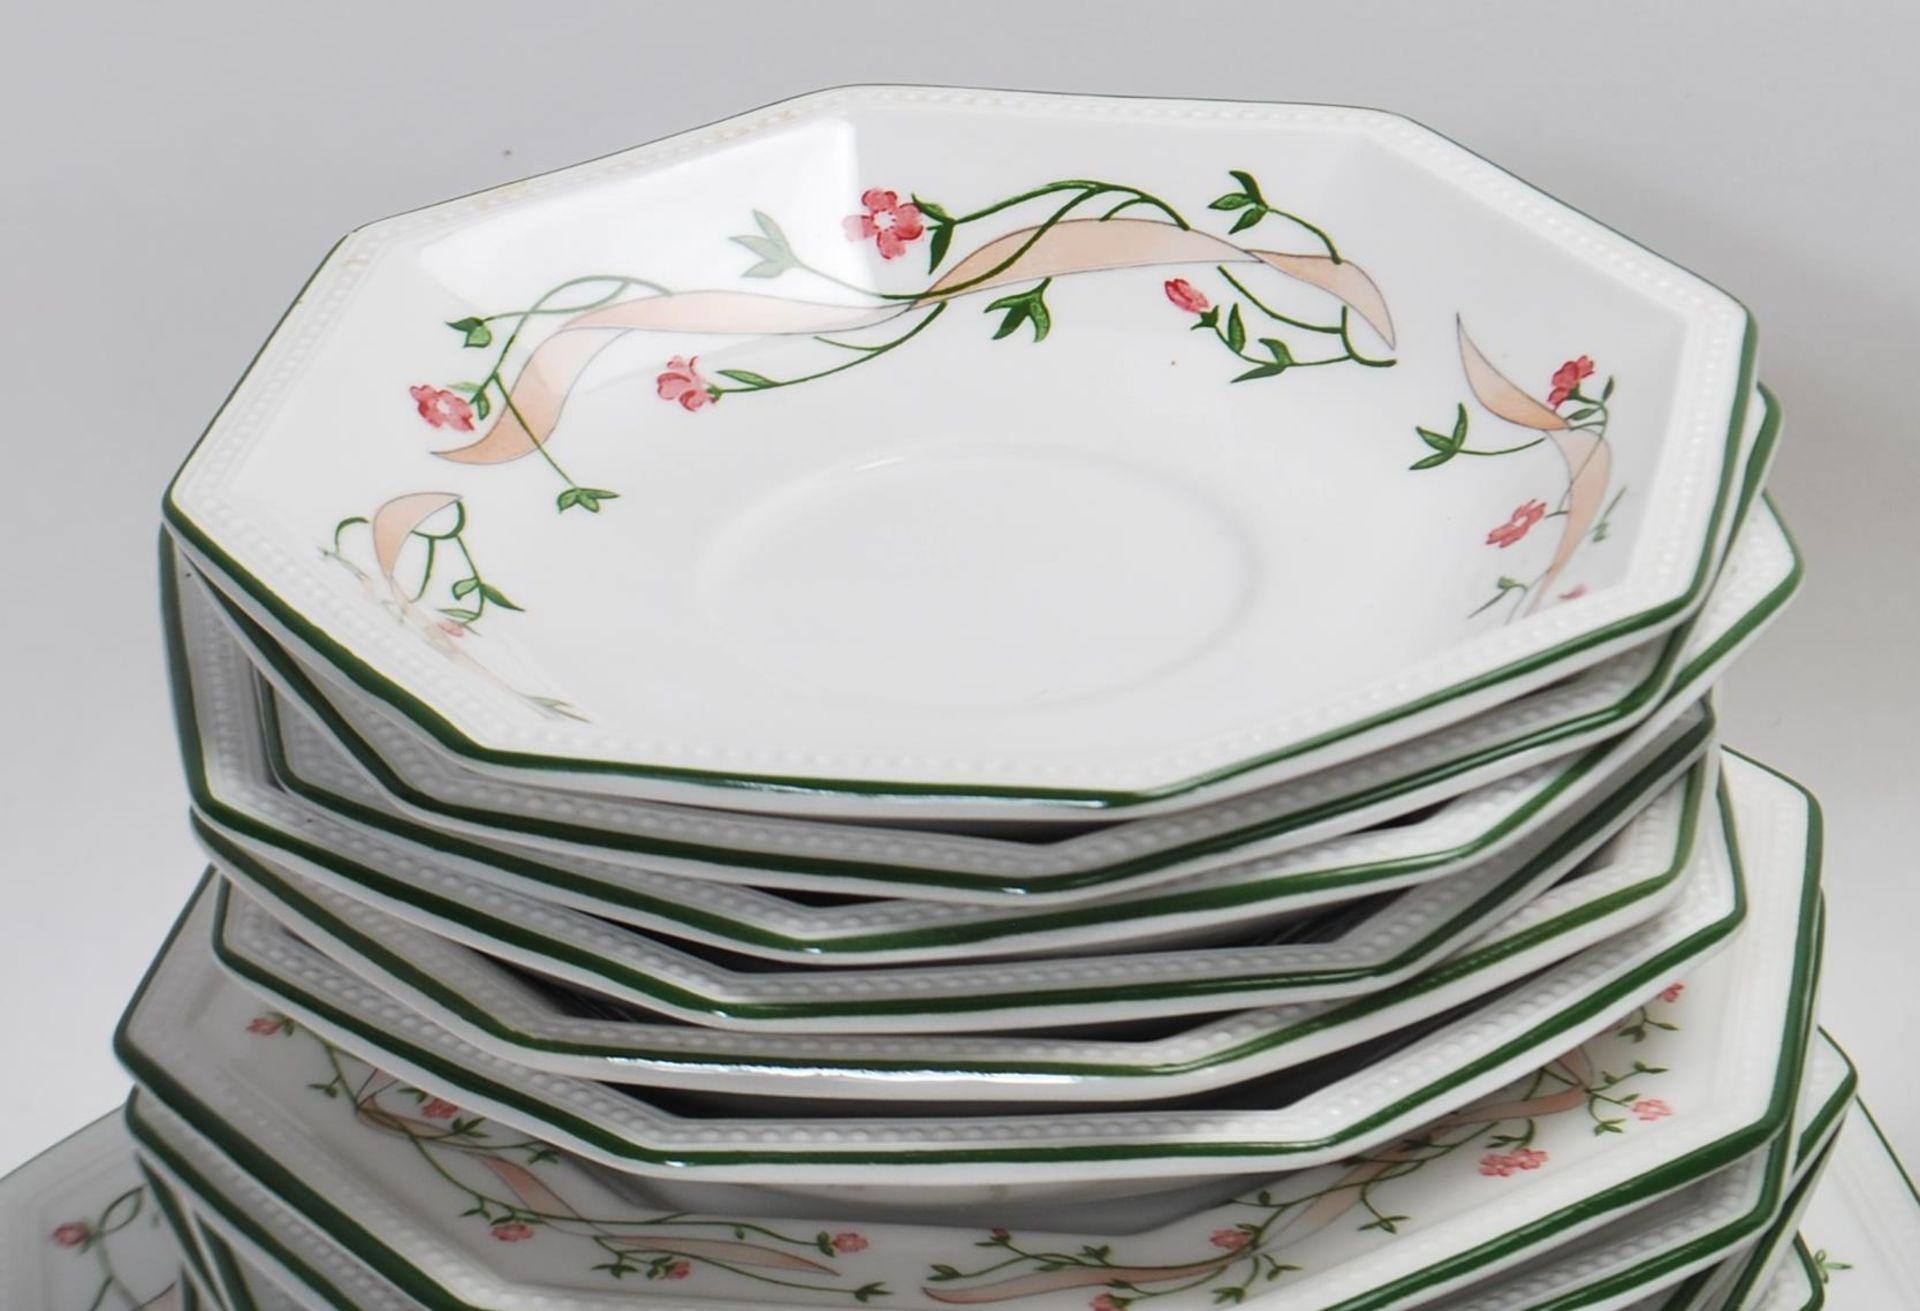 LAARGE DINNER SERVICE BY JOHNSON BROS ETERNAL BEAU - Image 15 of 19